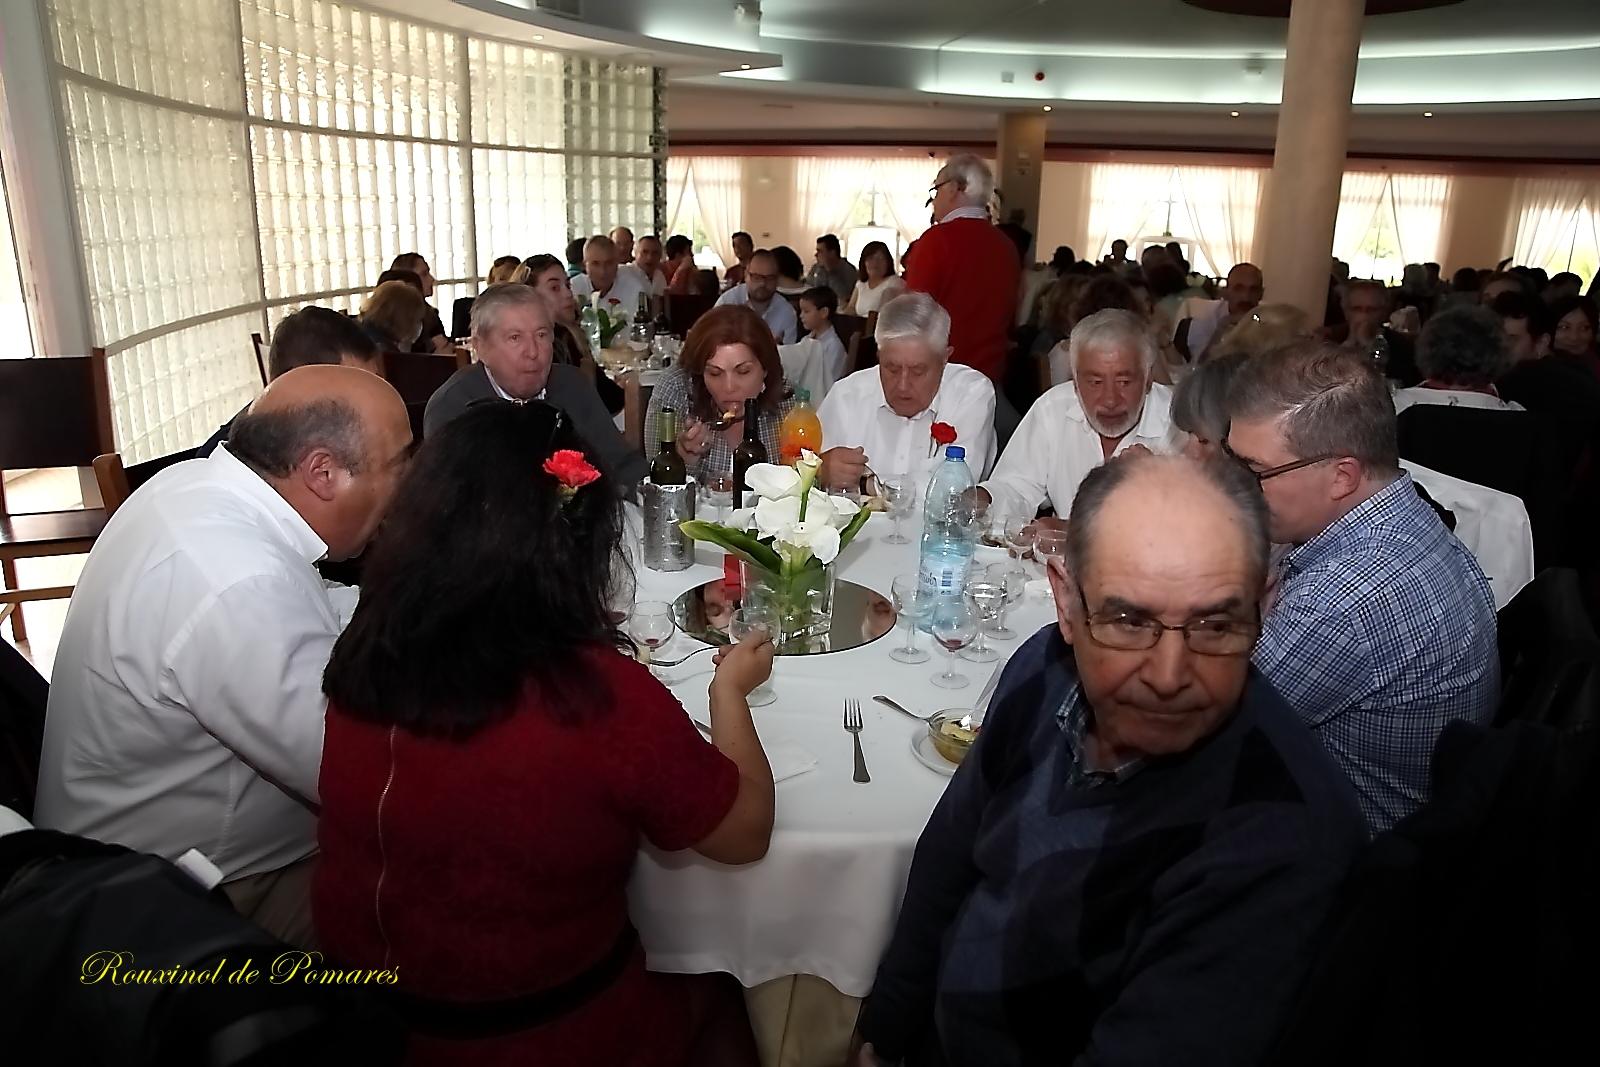 Almoço Comemoração 95 Anos Sociedade  (26)